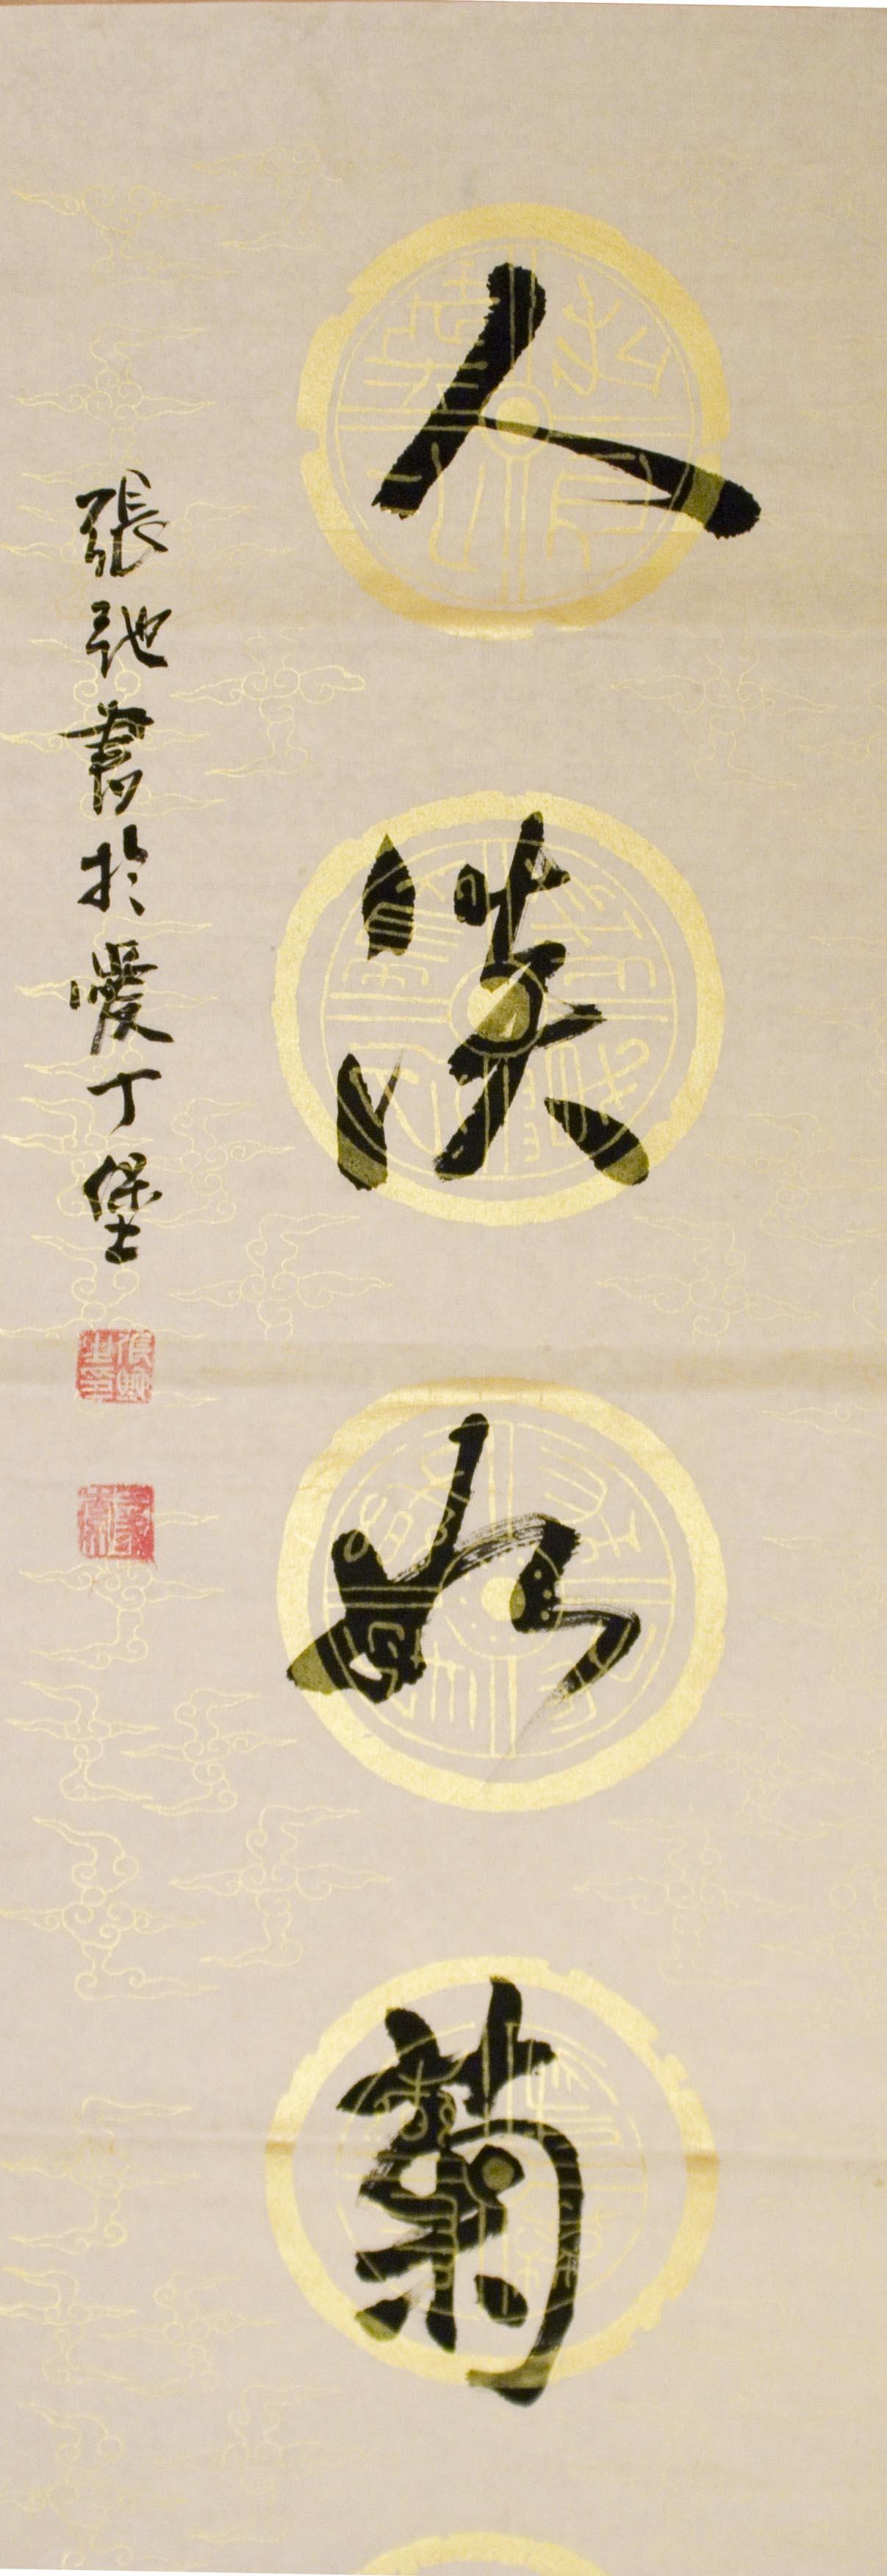 人淡如菊(1).jpg